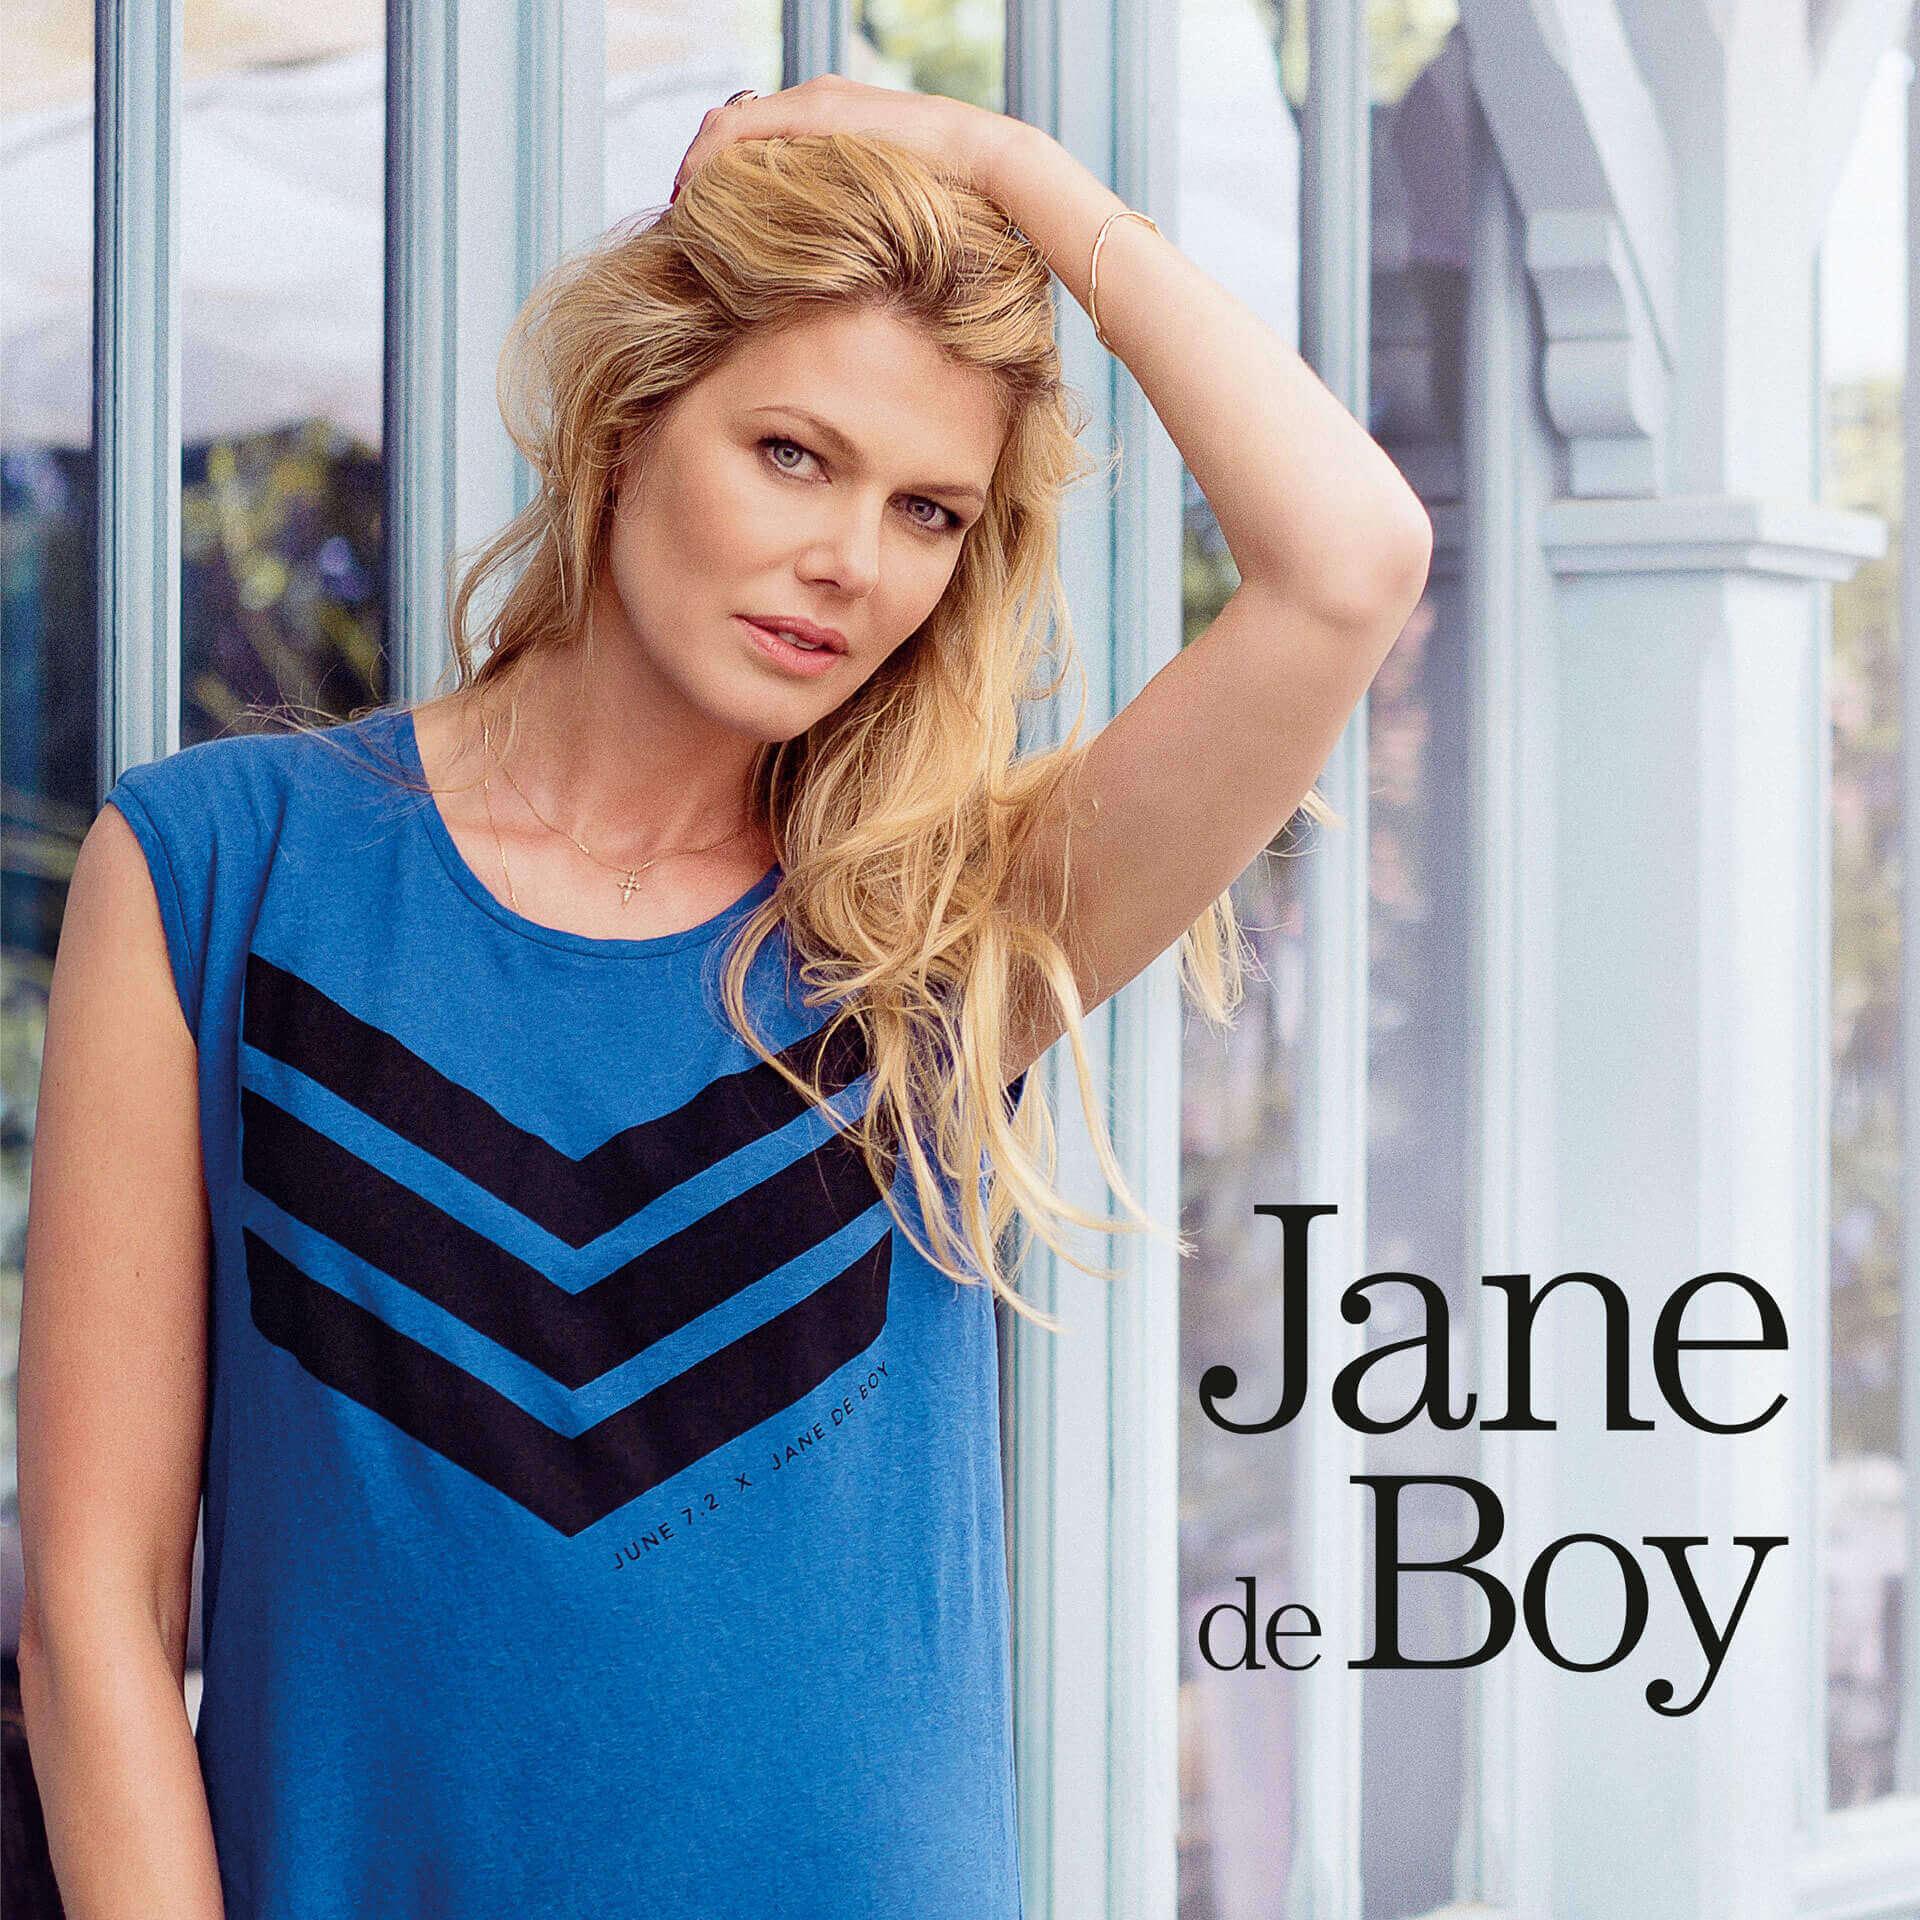 Les coups de coeur de l'été chez Jane de Boy